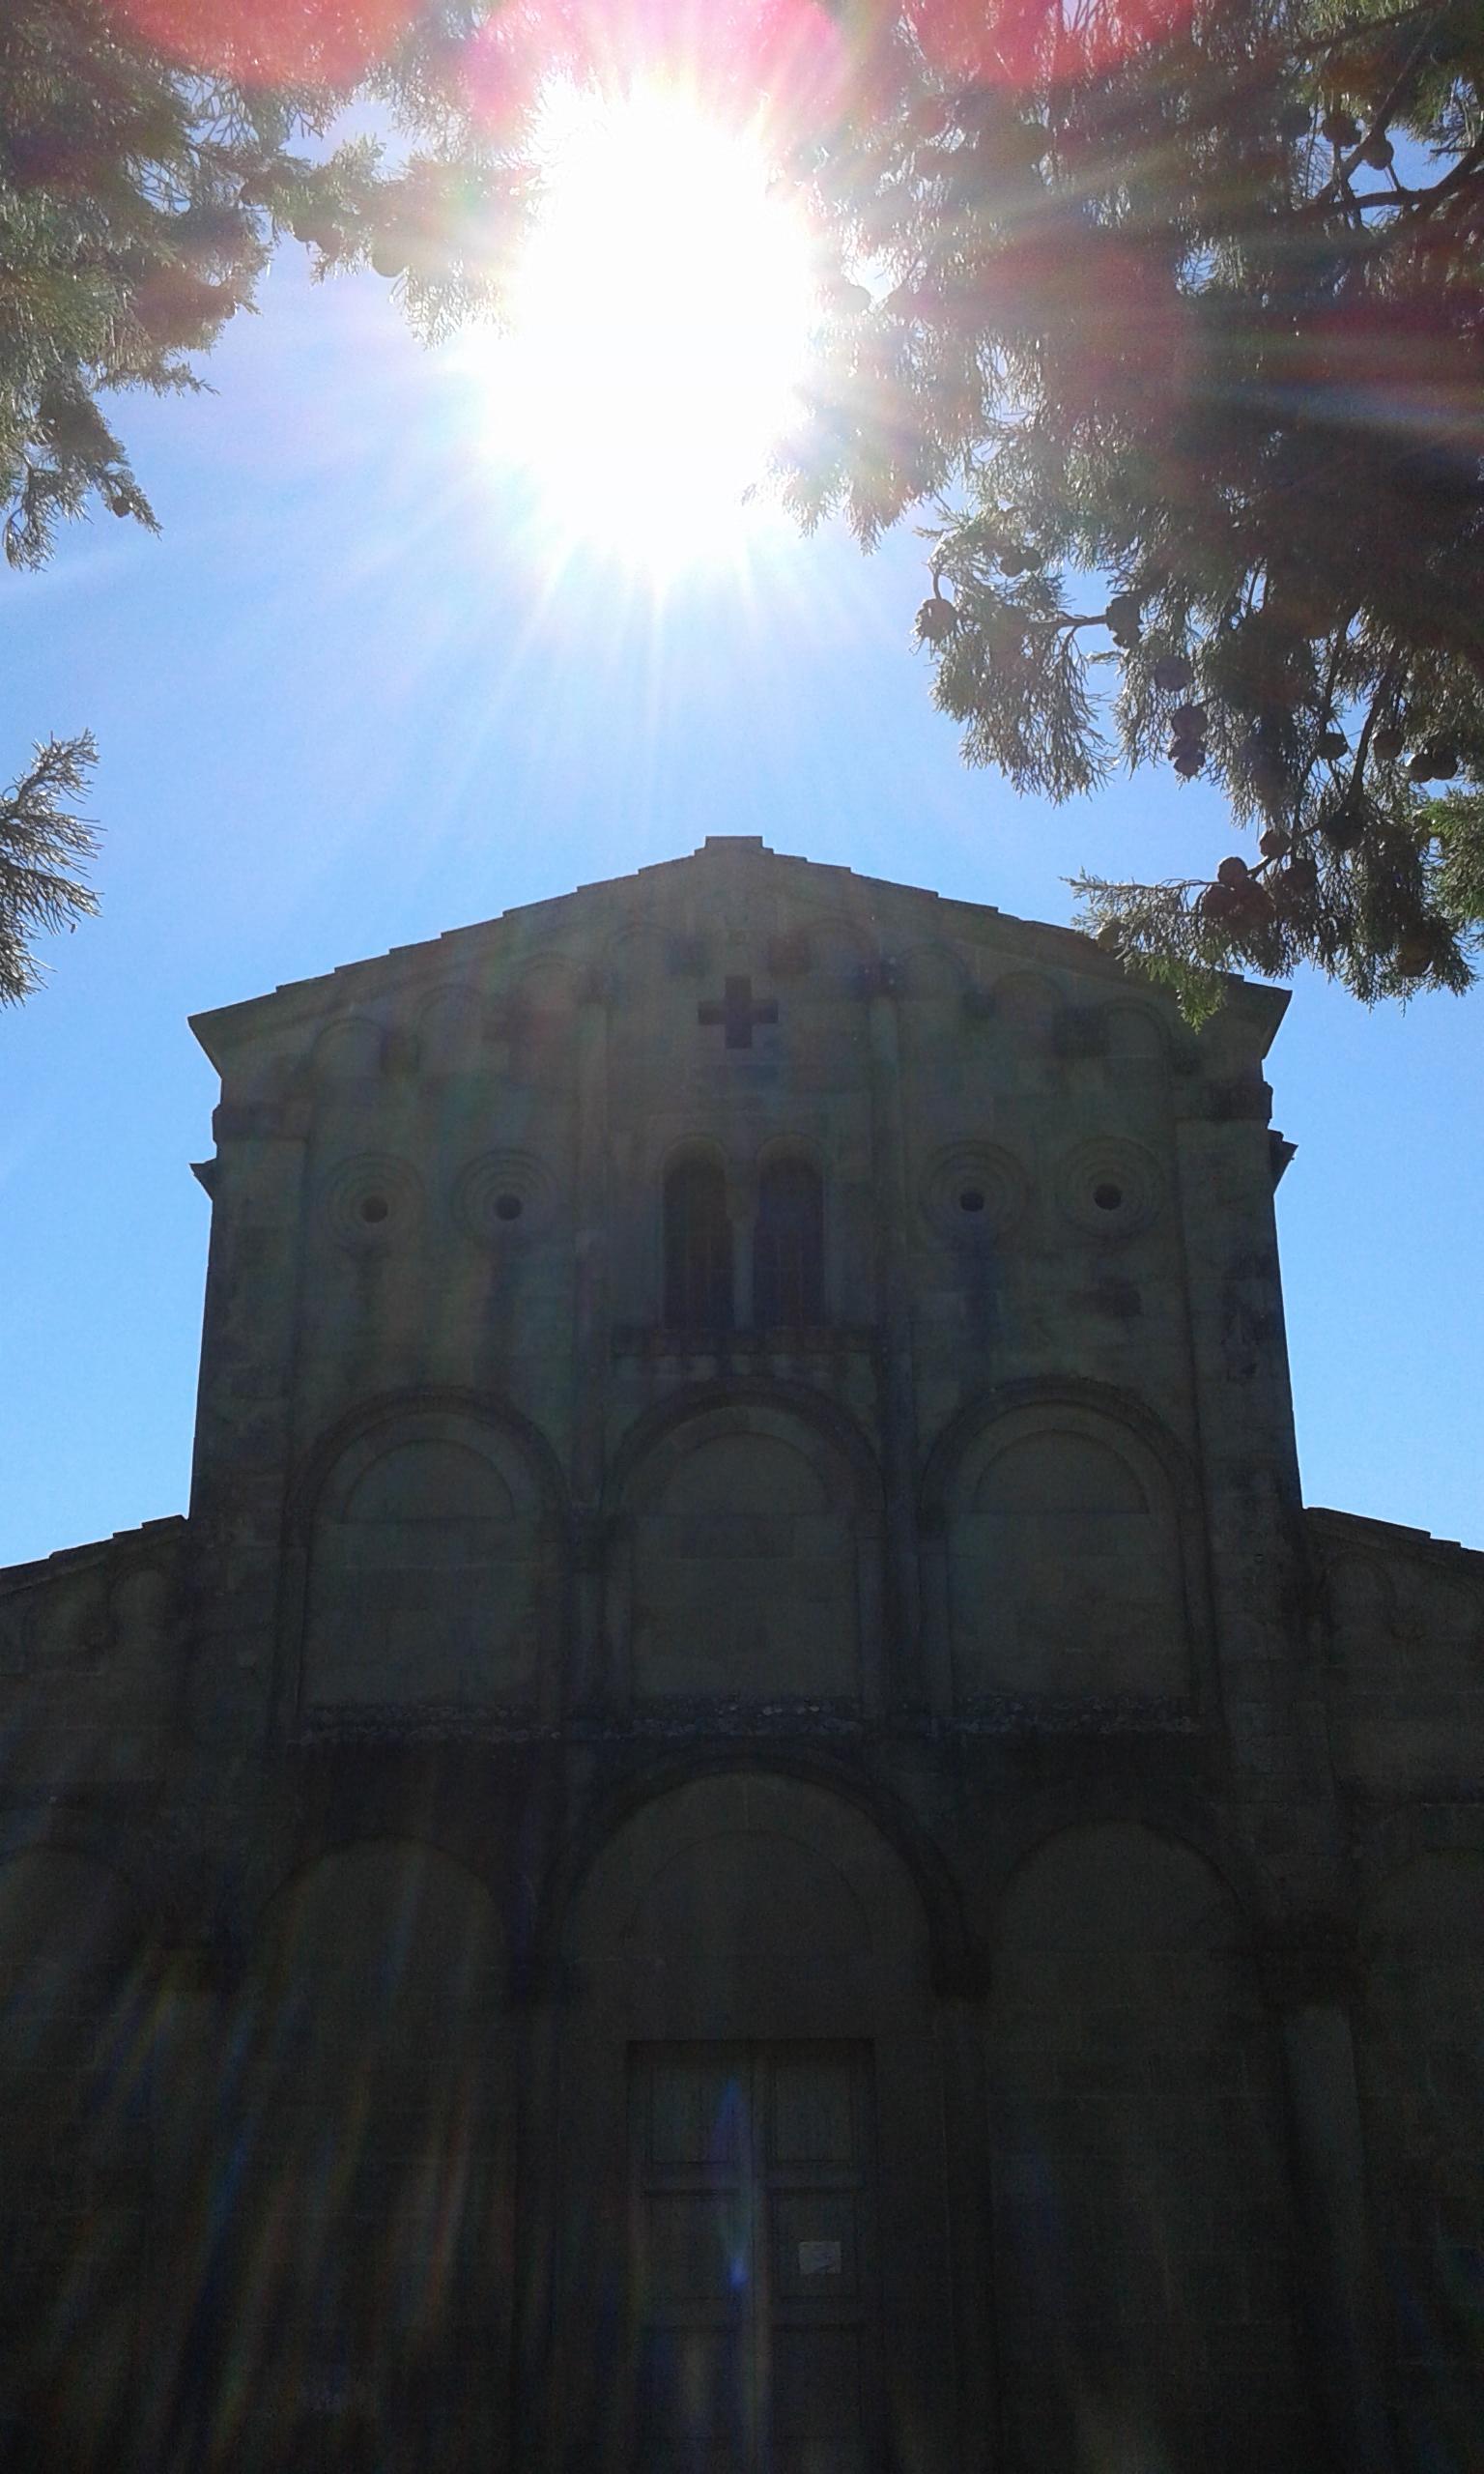 File:Solstizio d'estate il sole allo zenith nel solstizio d'estate ...